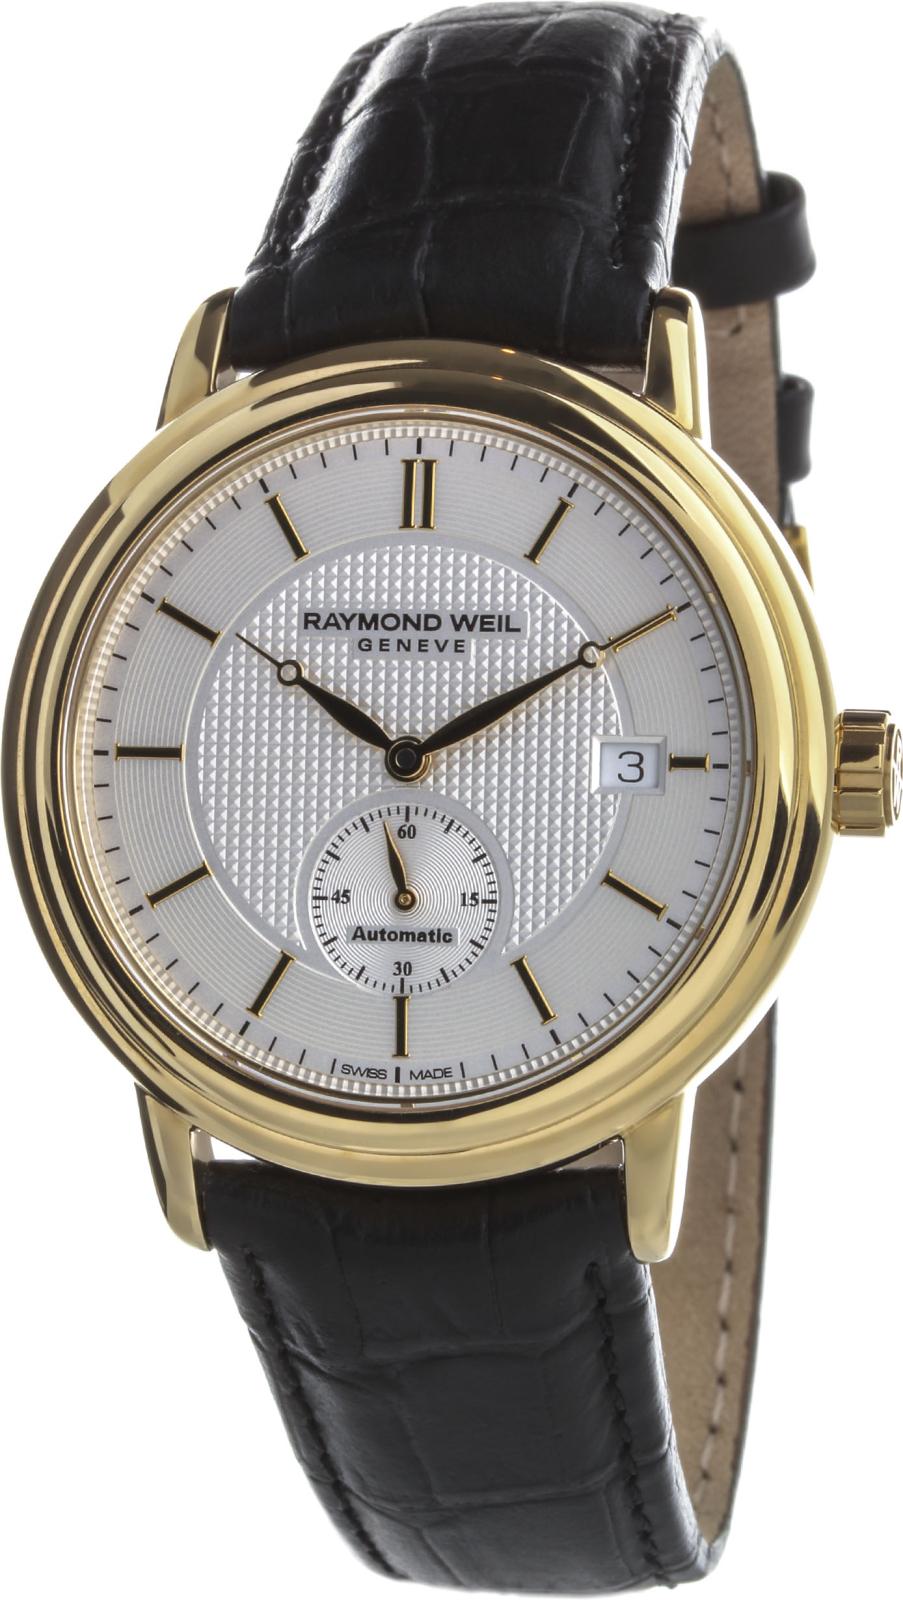 Raymond Weil Maestro 2838-PC-65001Наручные часы<br>Швейцарские часы Raymond Weil Maestro 2838-PC-65001<br><br>Для кого?: Мужские<br>Страна-производитель: Швейцария<br>Механизм: Механический<br>Материал корпуса: Сталь<br>Материал ремня/браслета: Кожа<br>Водозащита, диапазон: 20 - 100 м<br>Стекло: Сапфировое<br>Толщина корпуса: 10 мм<br>Стиль: Классика